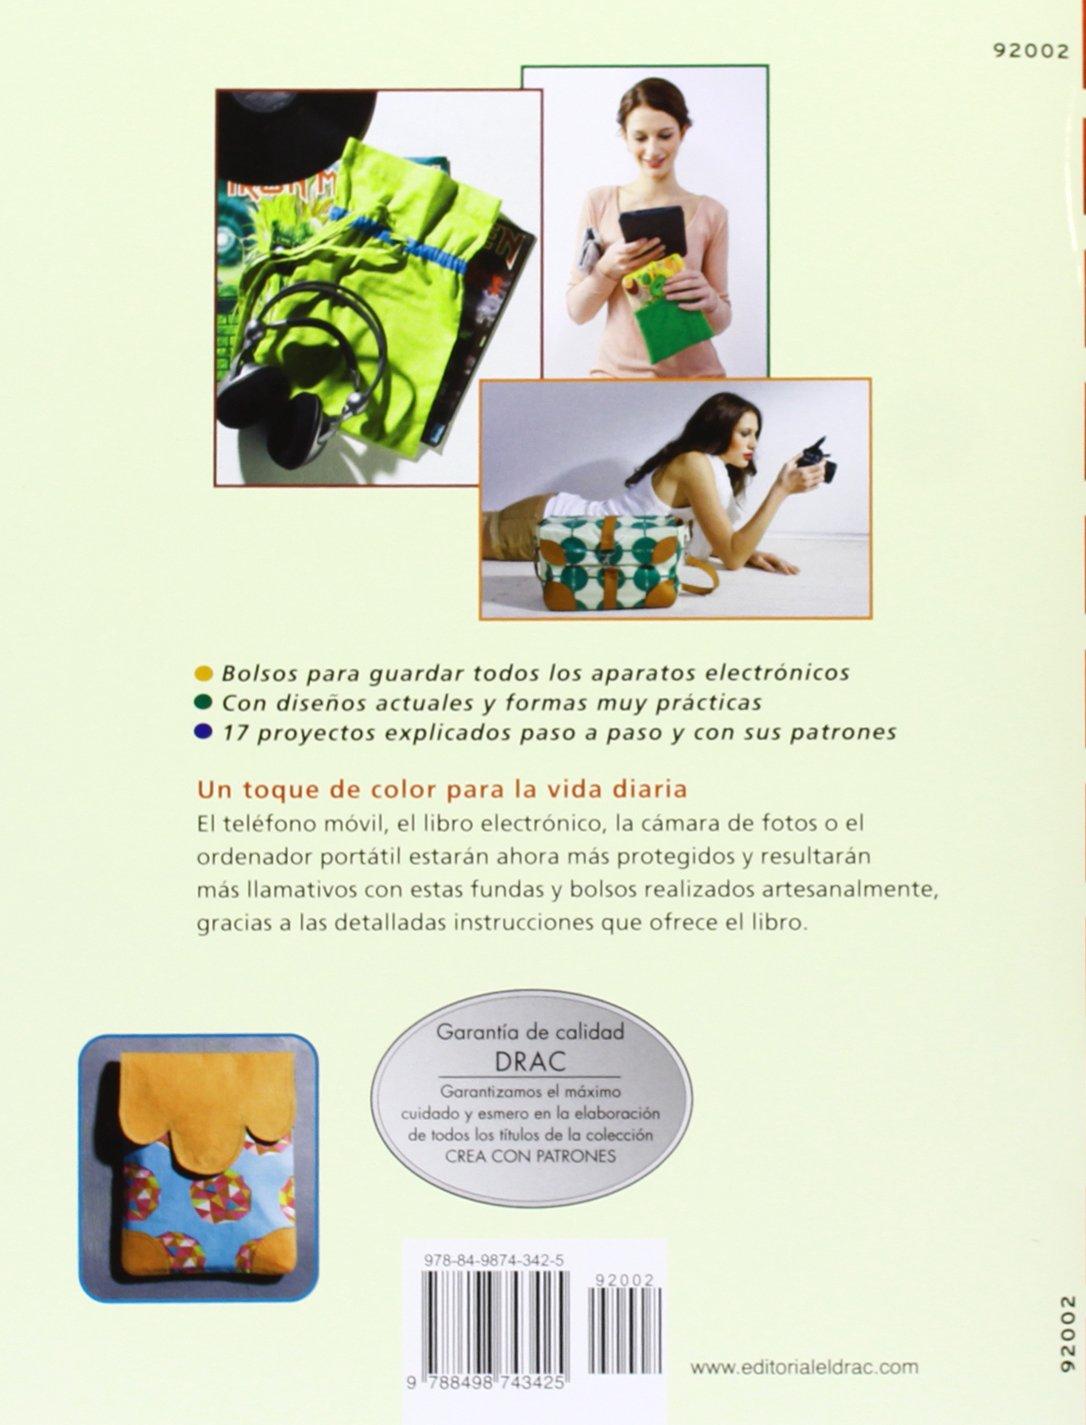 Bolsos, estuches y fundas para el ordenador, teléfono, cámara.: Laura Hertel: 9788498743425: Amazon.com: Books